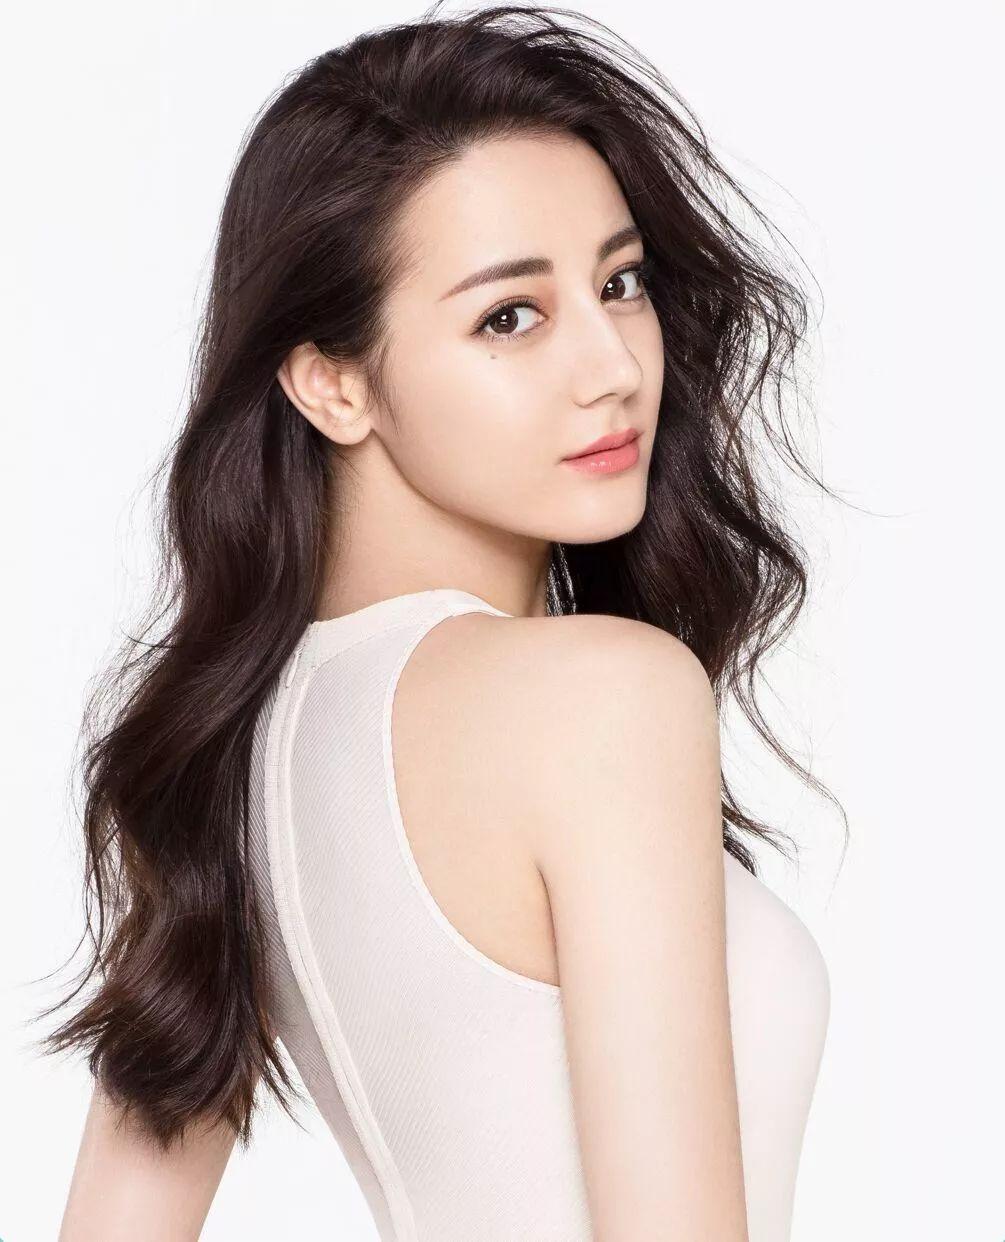 刘亦菲的水波卷与热巴的比较相似,都属于高位卷,刘海发根轻烫,发尾图片